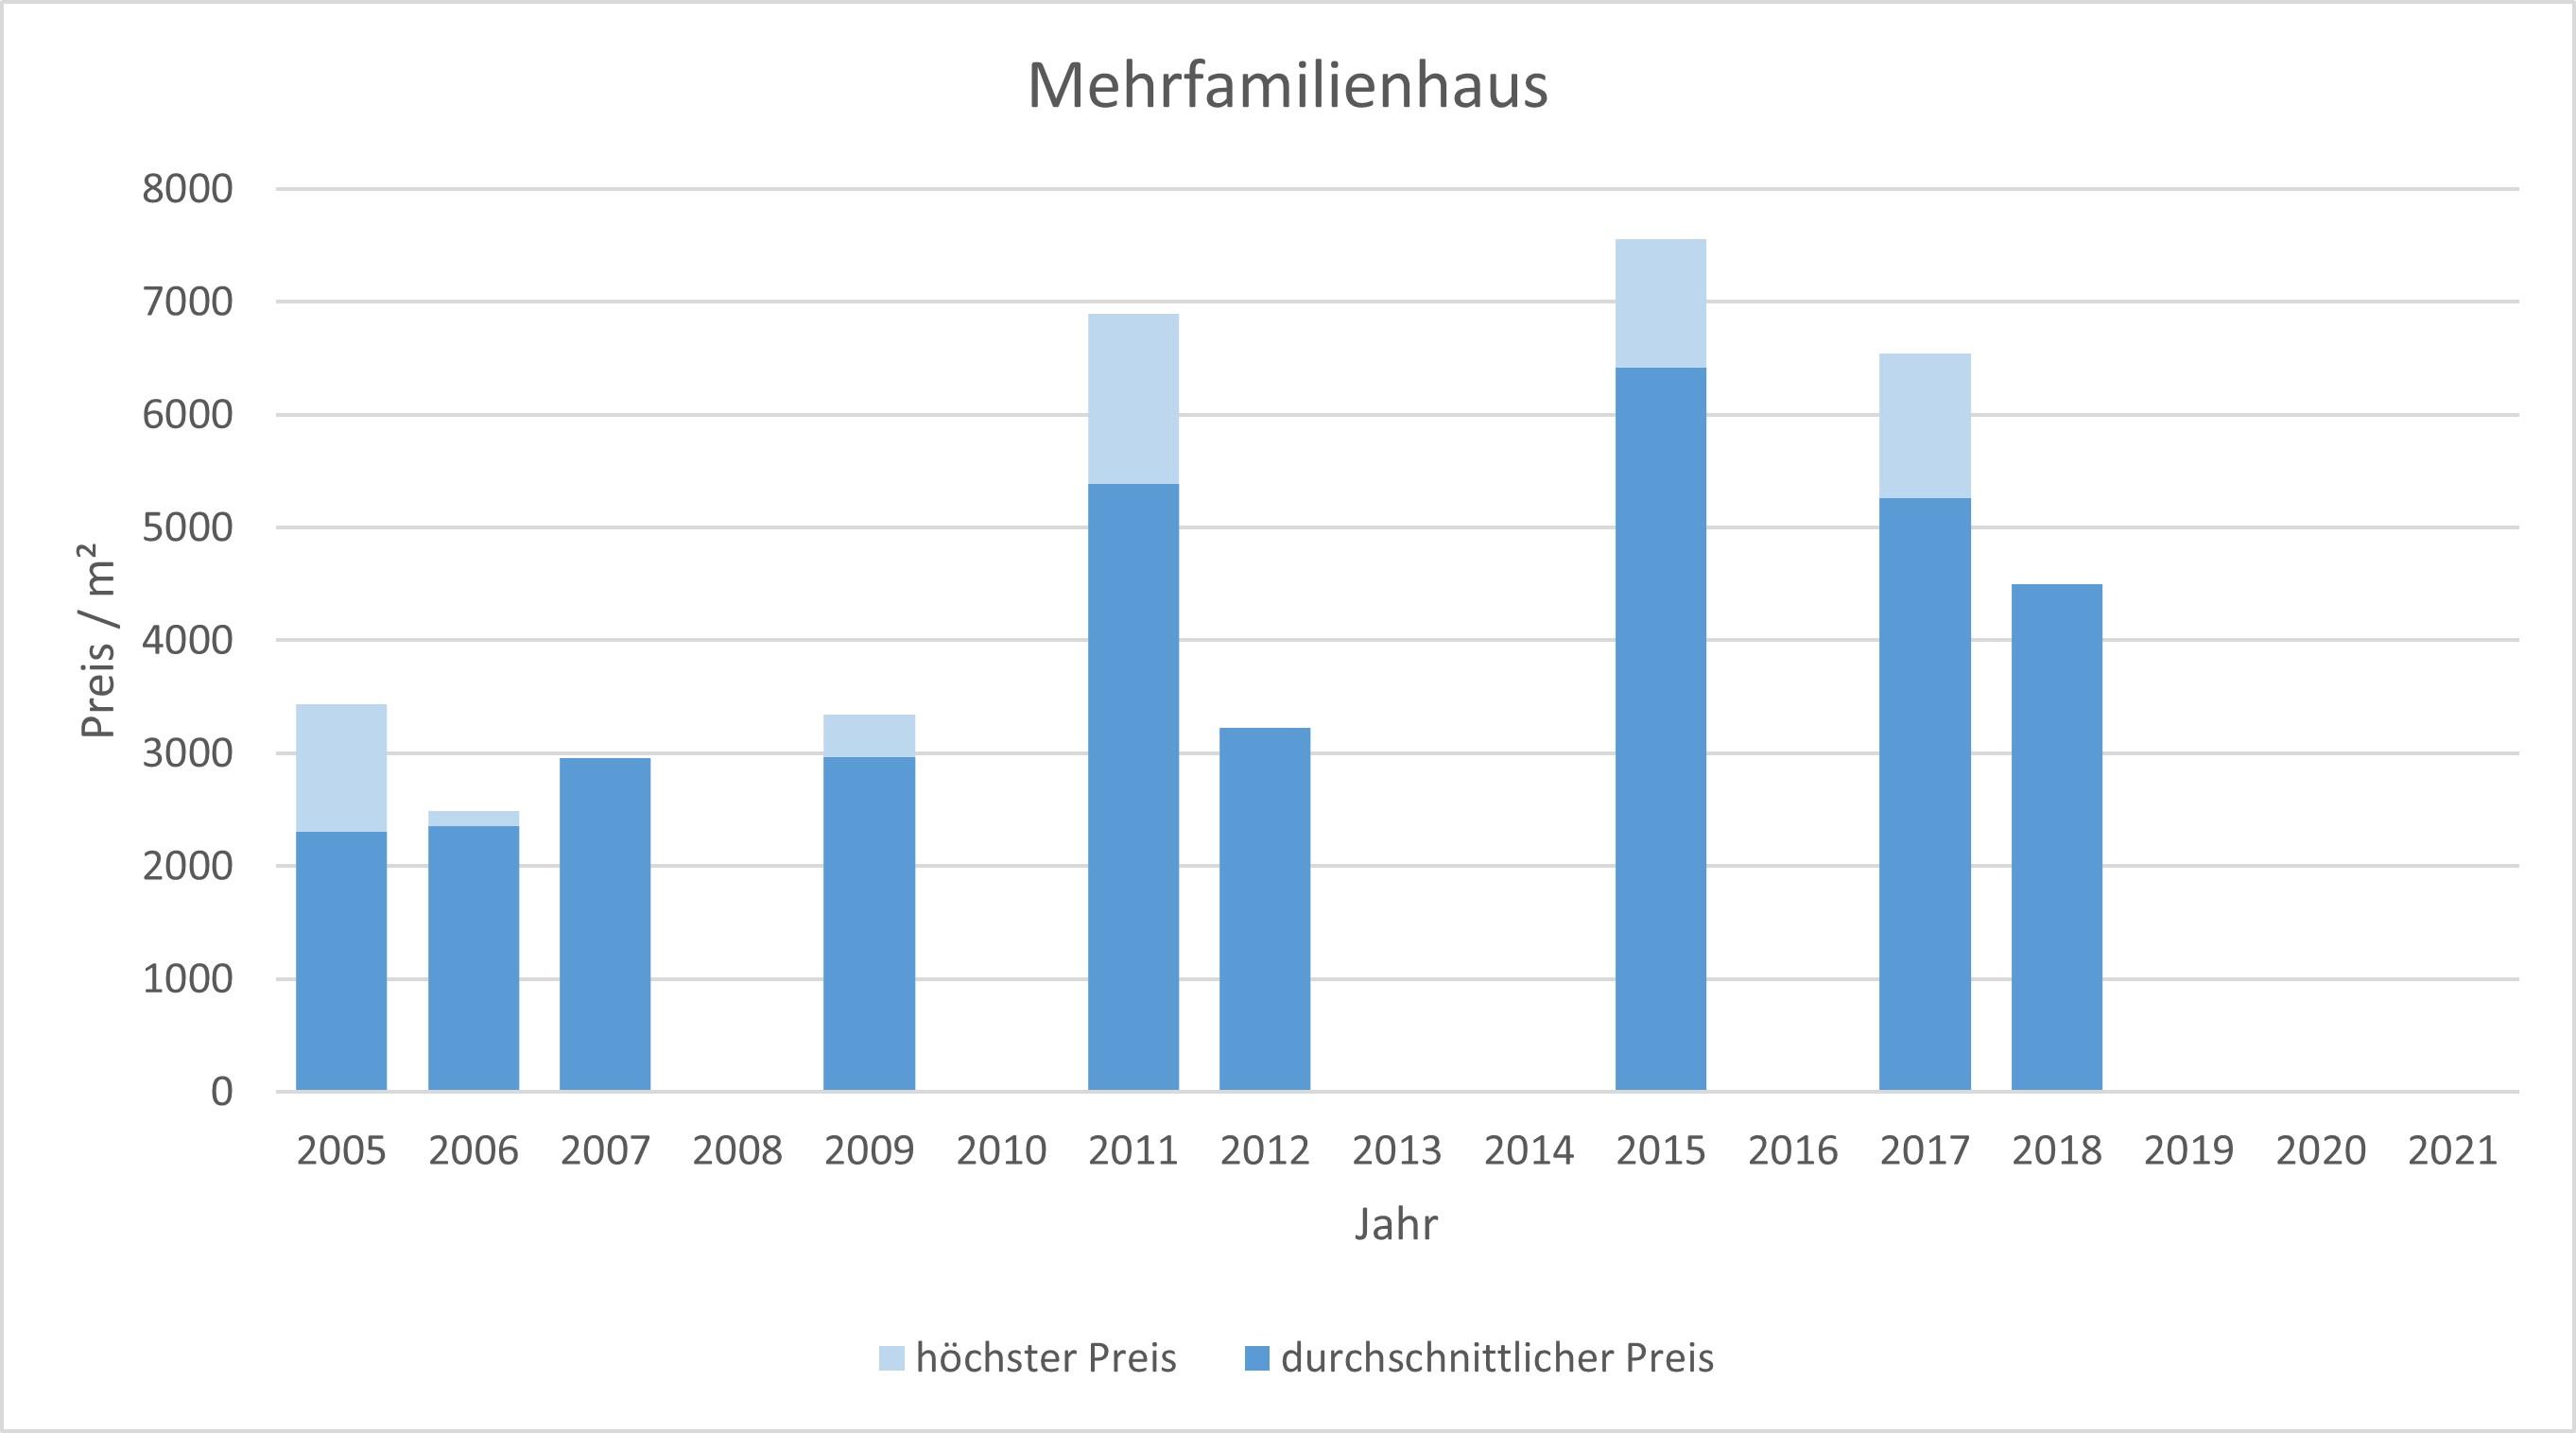 Unterföhring Mehrfamilienhaus kaufen verkaufen Preis Bewertung Makler 2019 2020 2021 www.happy-immo.de